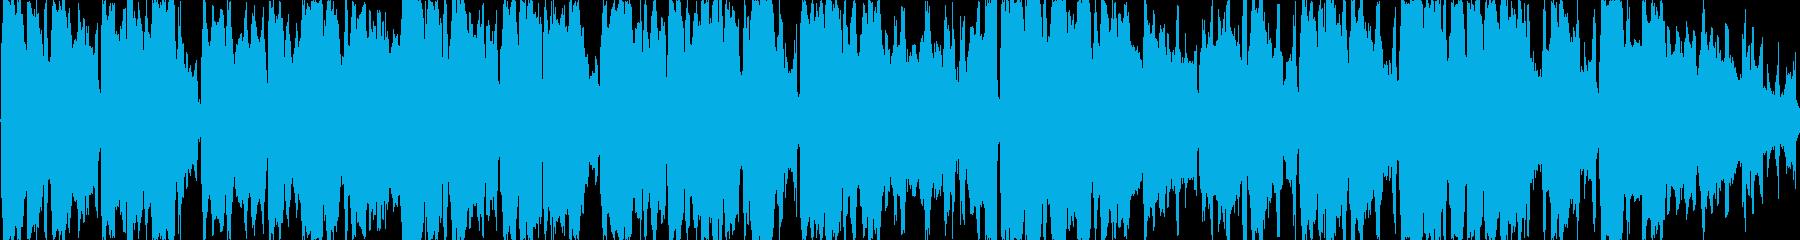 機械仕掛けのおうちの再生済みの波形